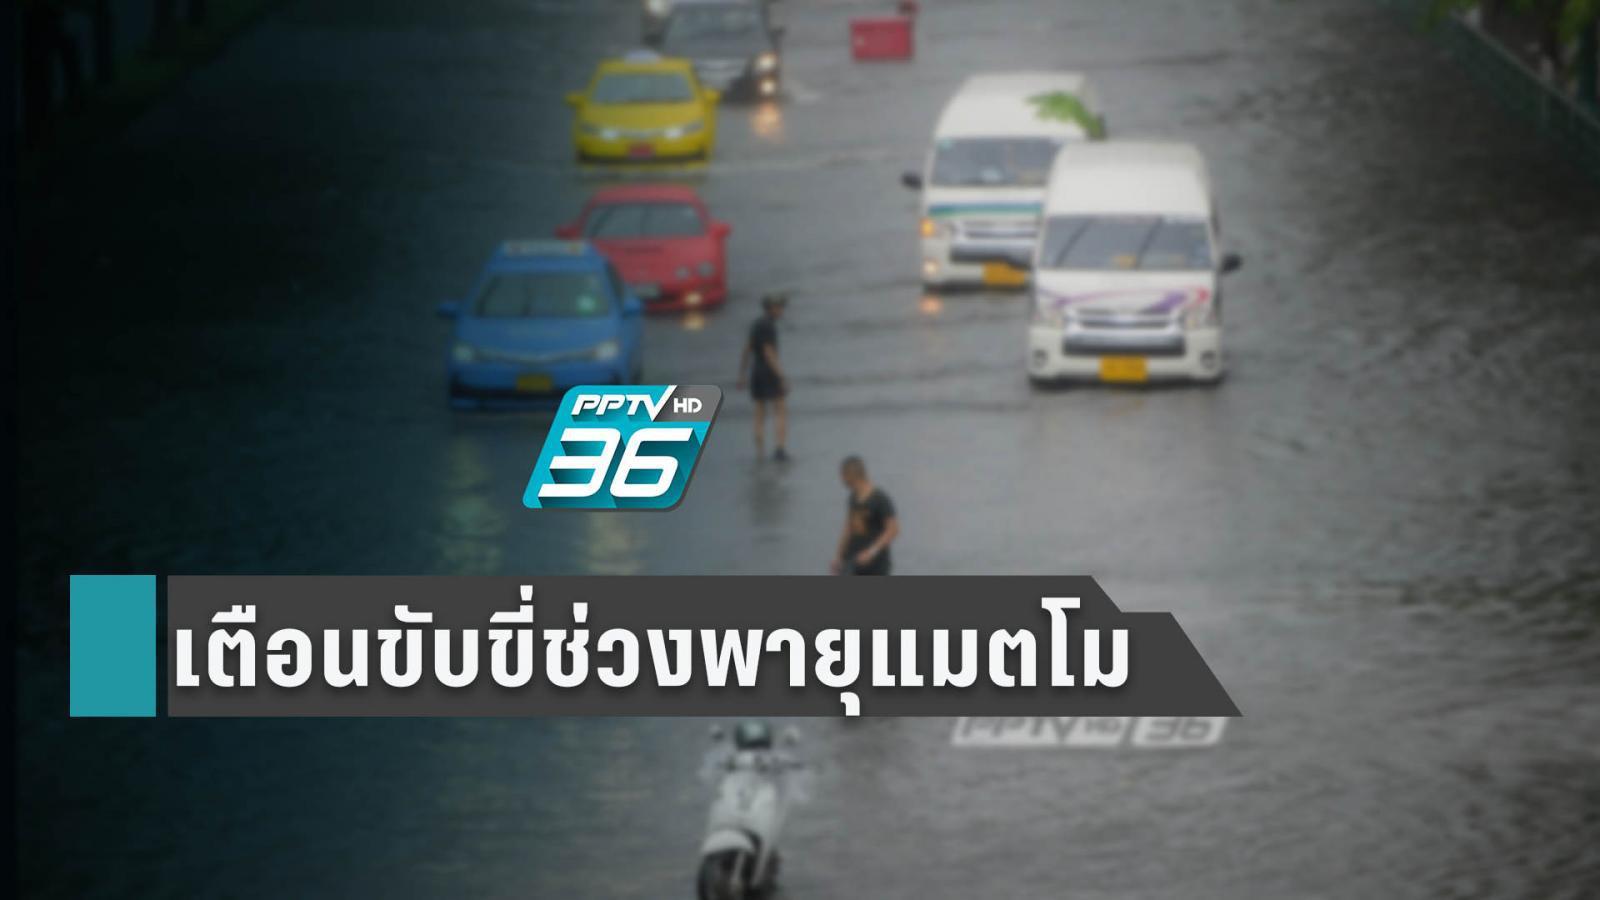 """แนะ 7 วิธีขับขี่ปลอดภัยช่วงพายุโซนร้อน """"แมตโม"""""""